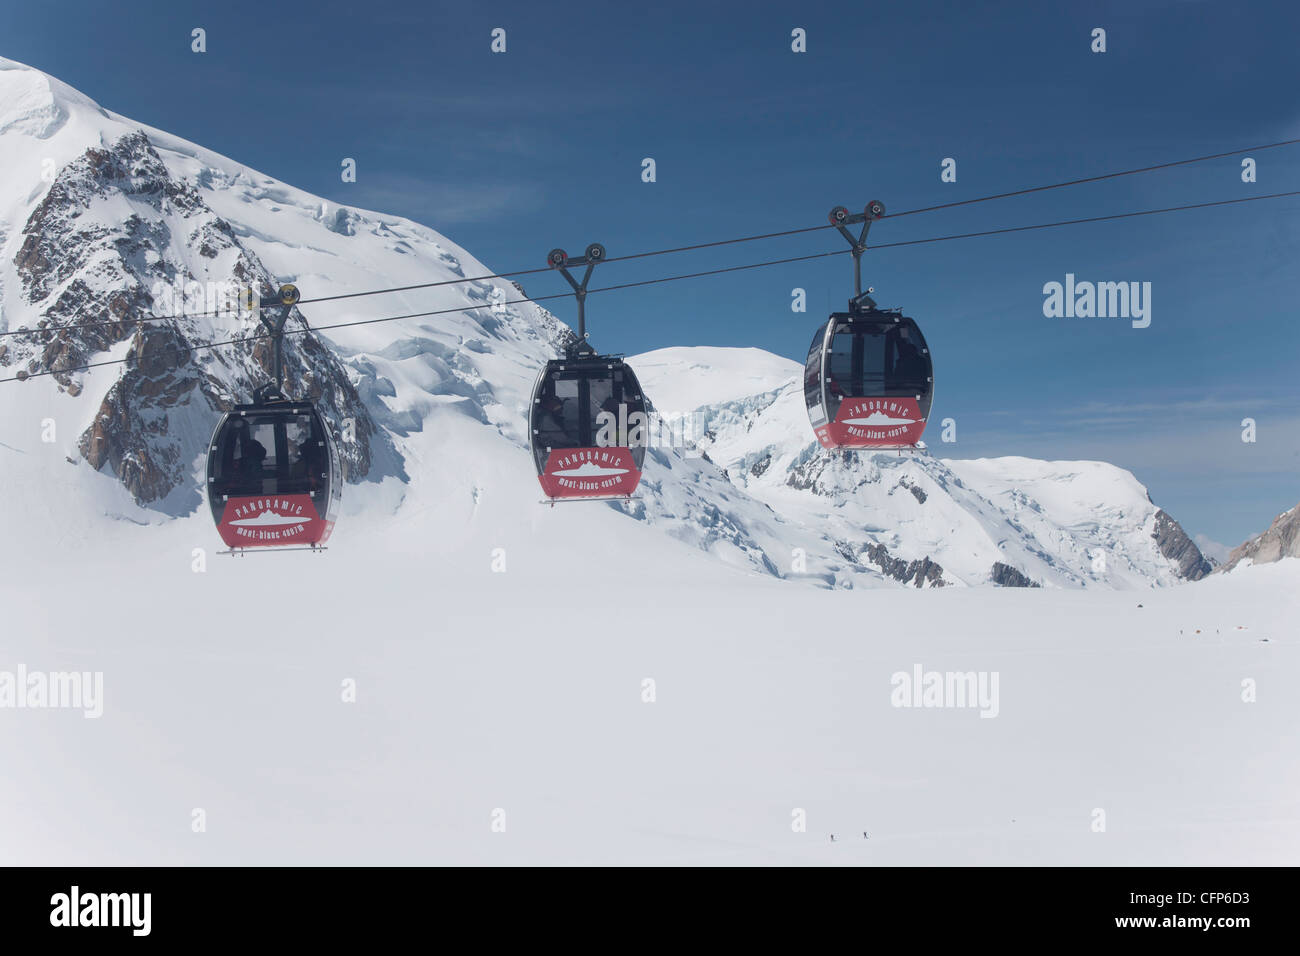 El teleférico, Chamonix, Haute Savoie, Alpes franceses, Francia, Europa Imagen De Stock